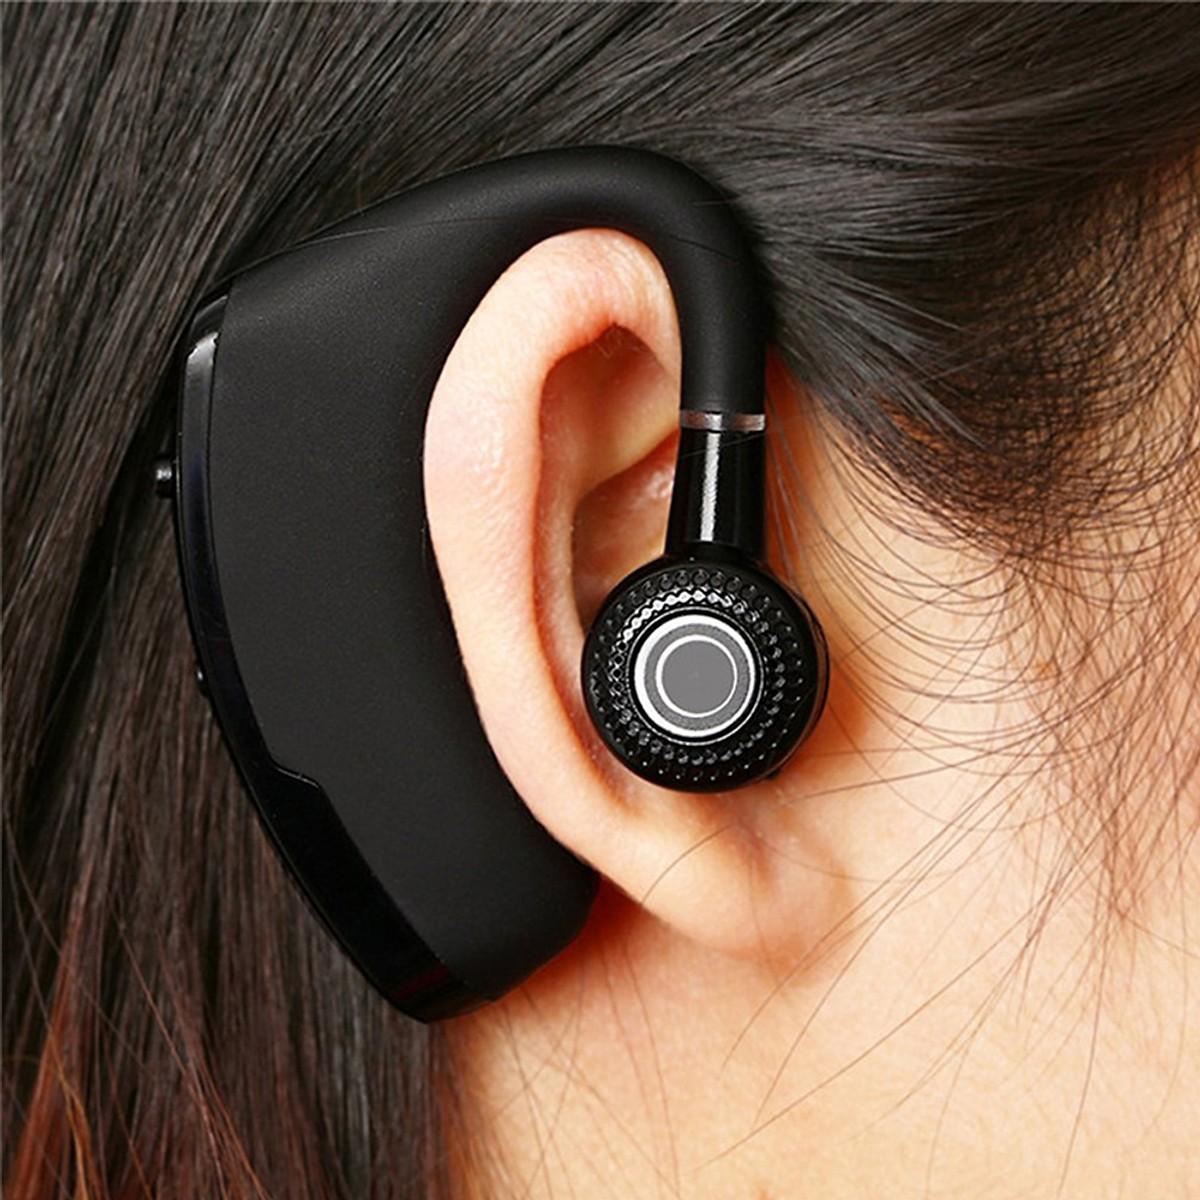 Tai Nghe Bluetooth không dây kiểu nhét bên trong tai .